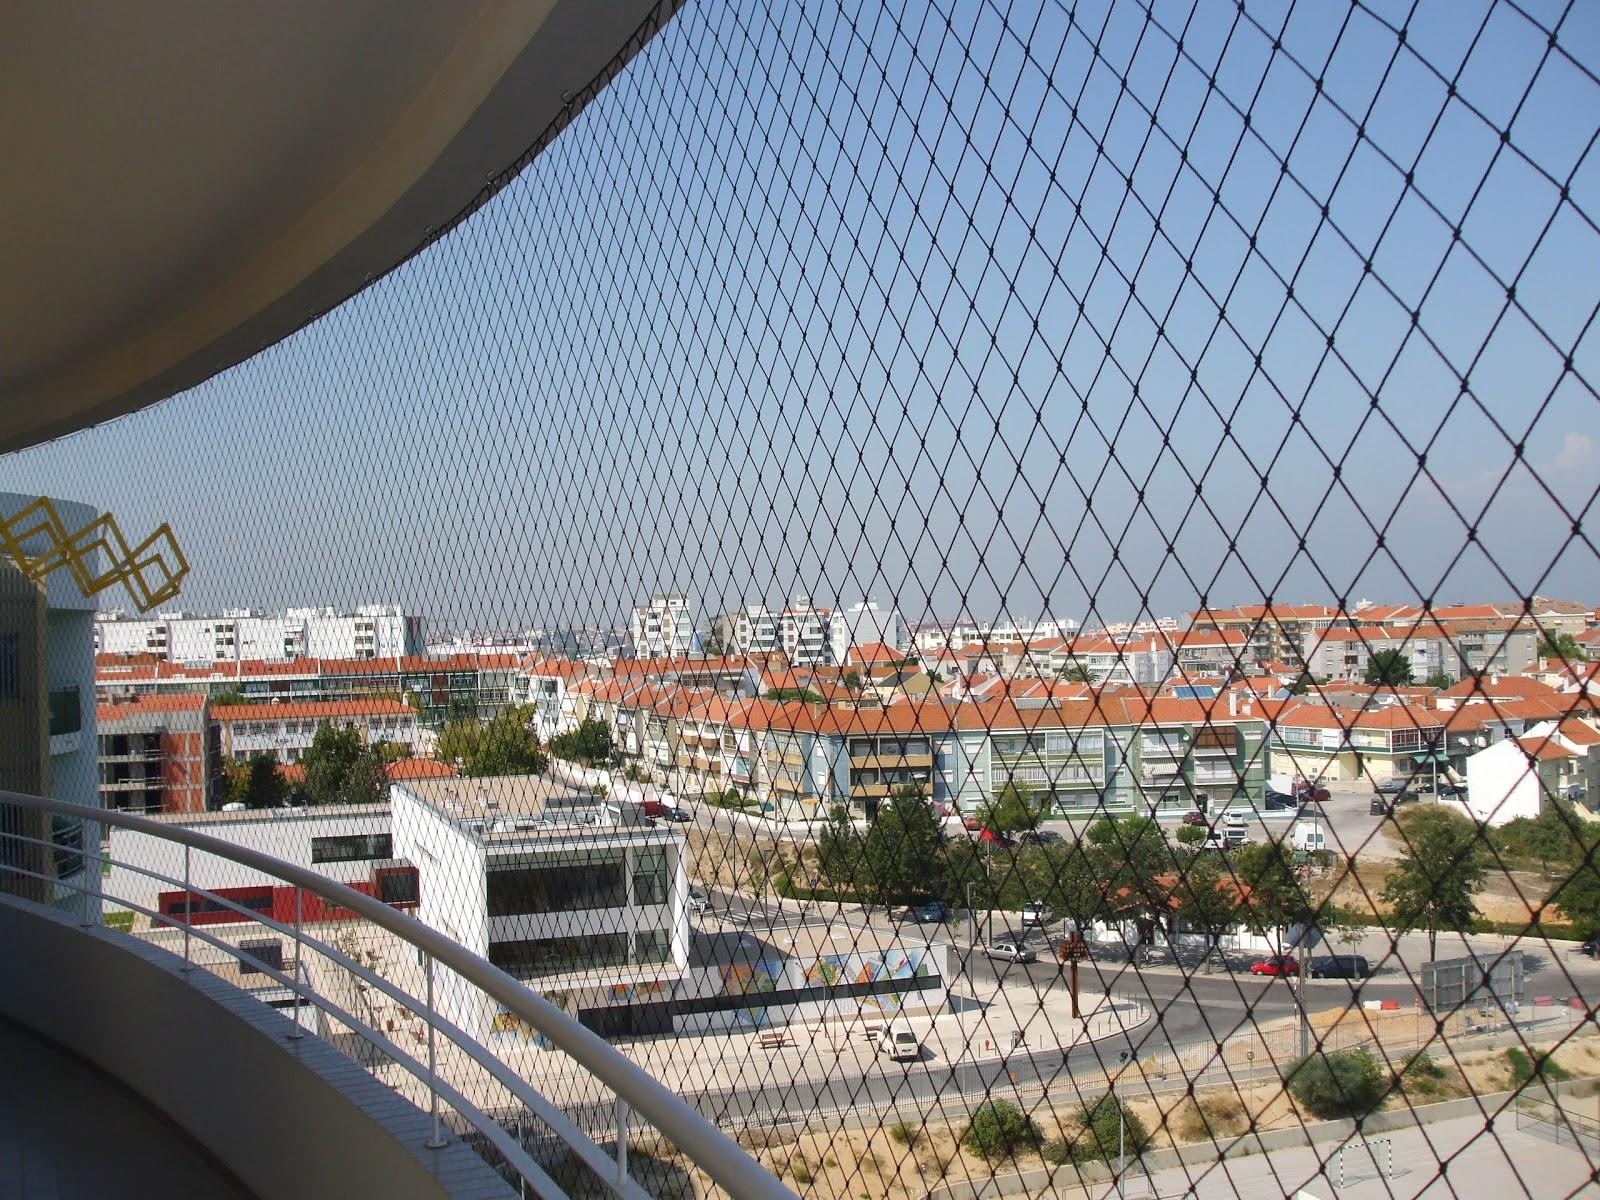 : telas de proteção para varandas janelas e terraços em Portugal #436688 1600 1200